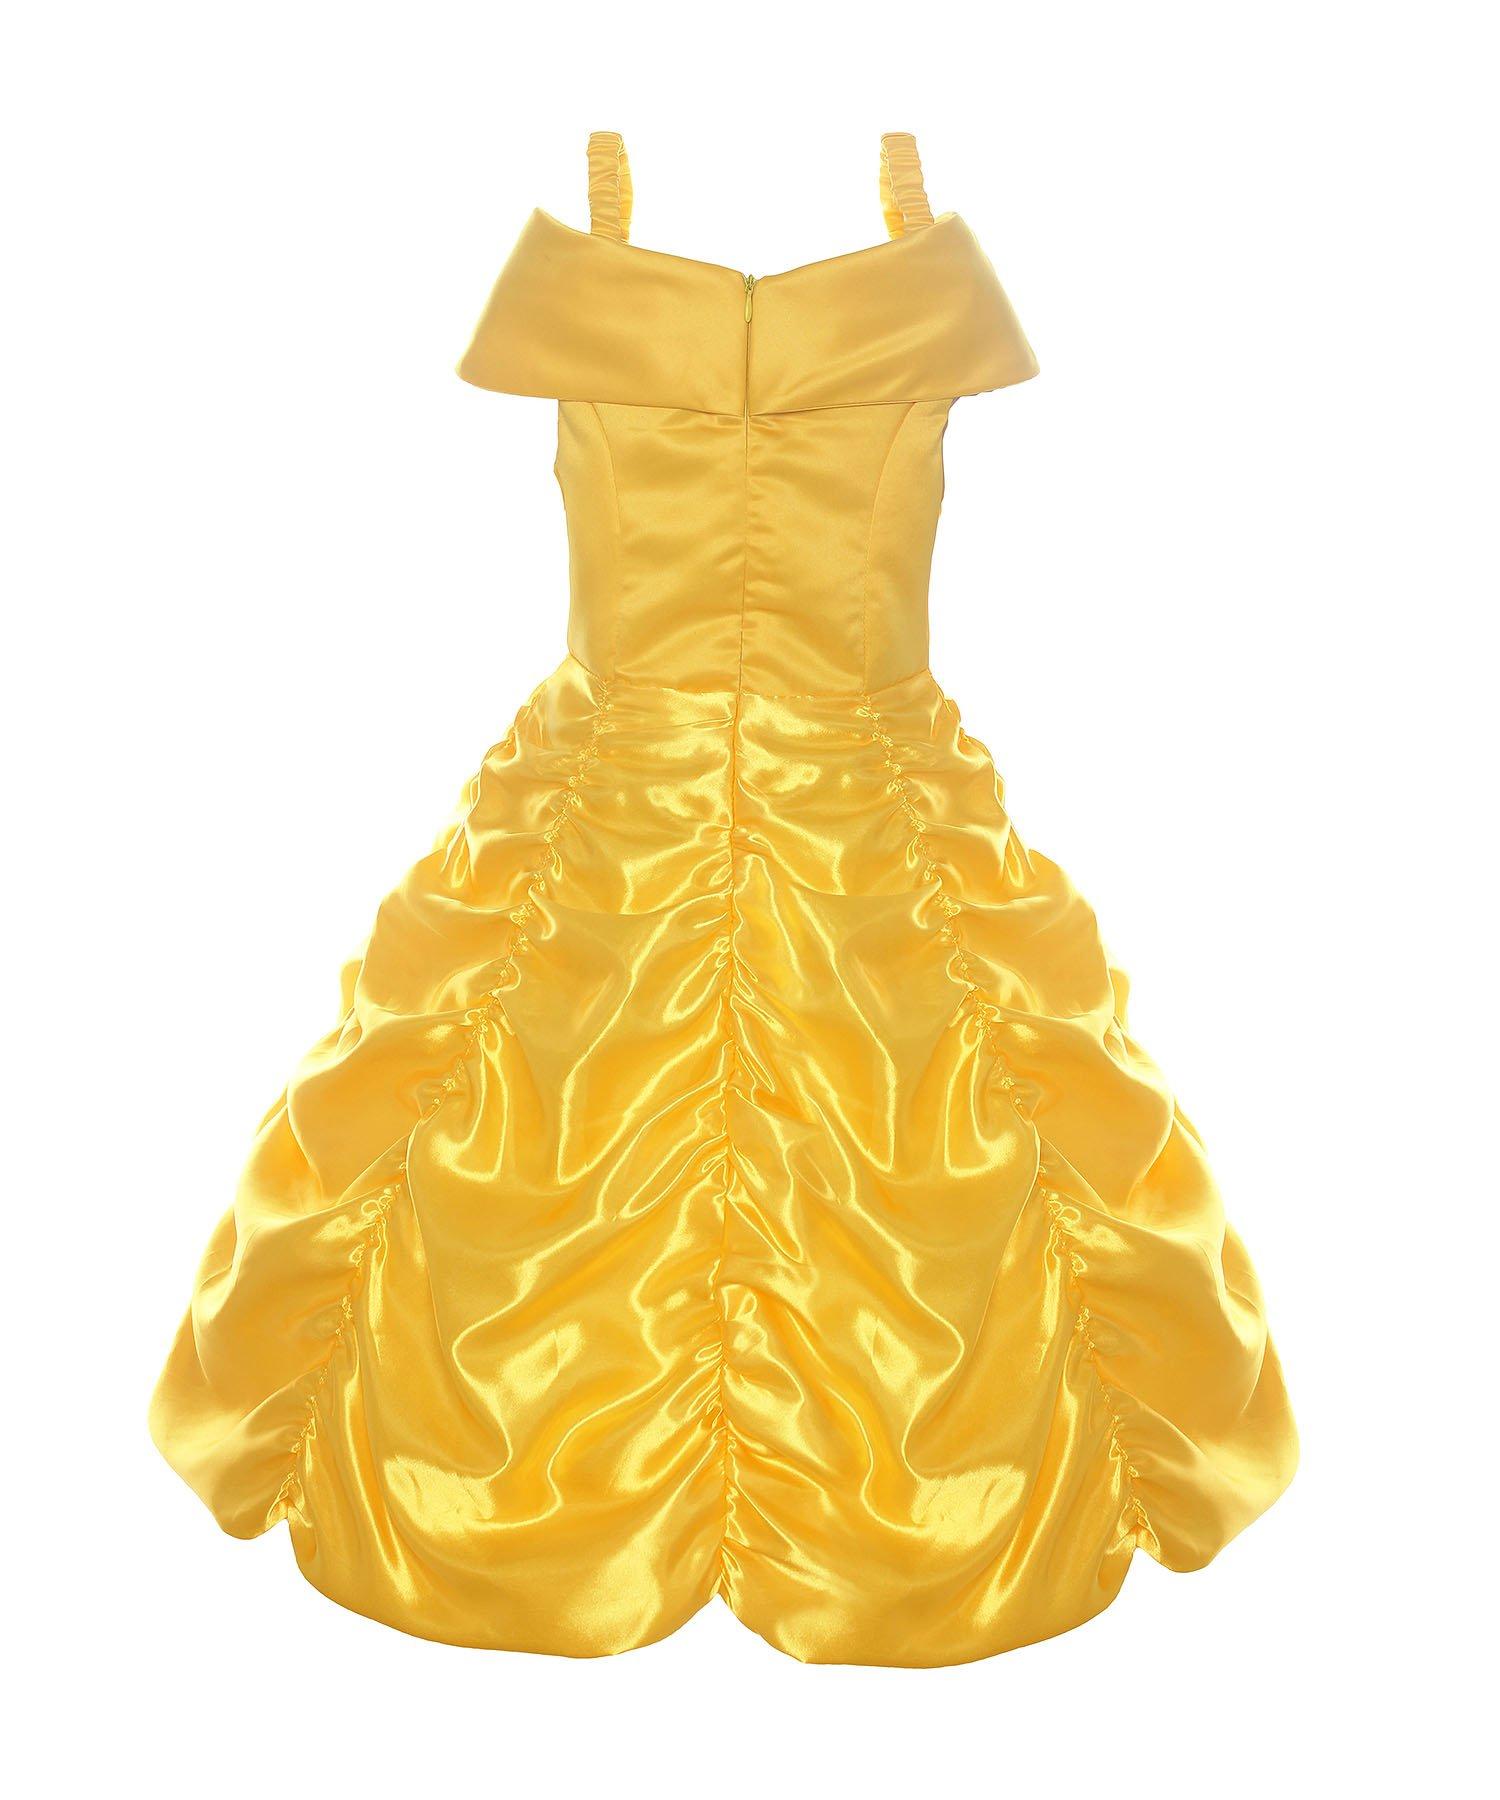 ReliBeauty Girls Dress Belle Cosplay Costume Ragazza Vestiti Abito Principessa Disney Costumi Vestire 2 spesavip